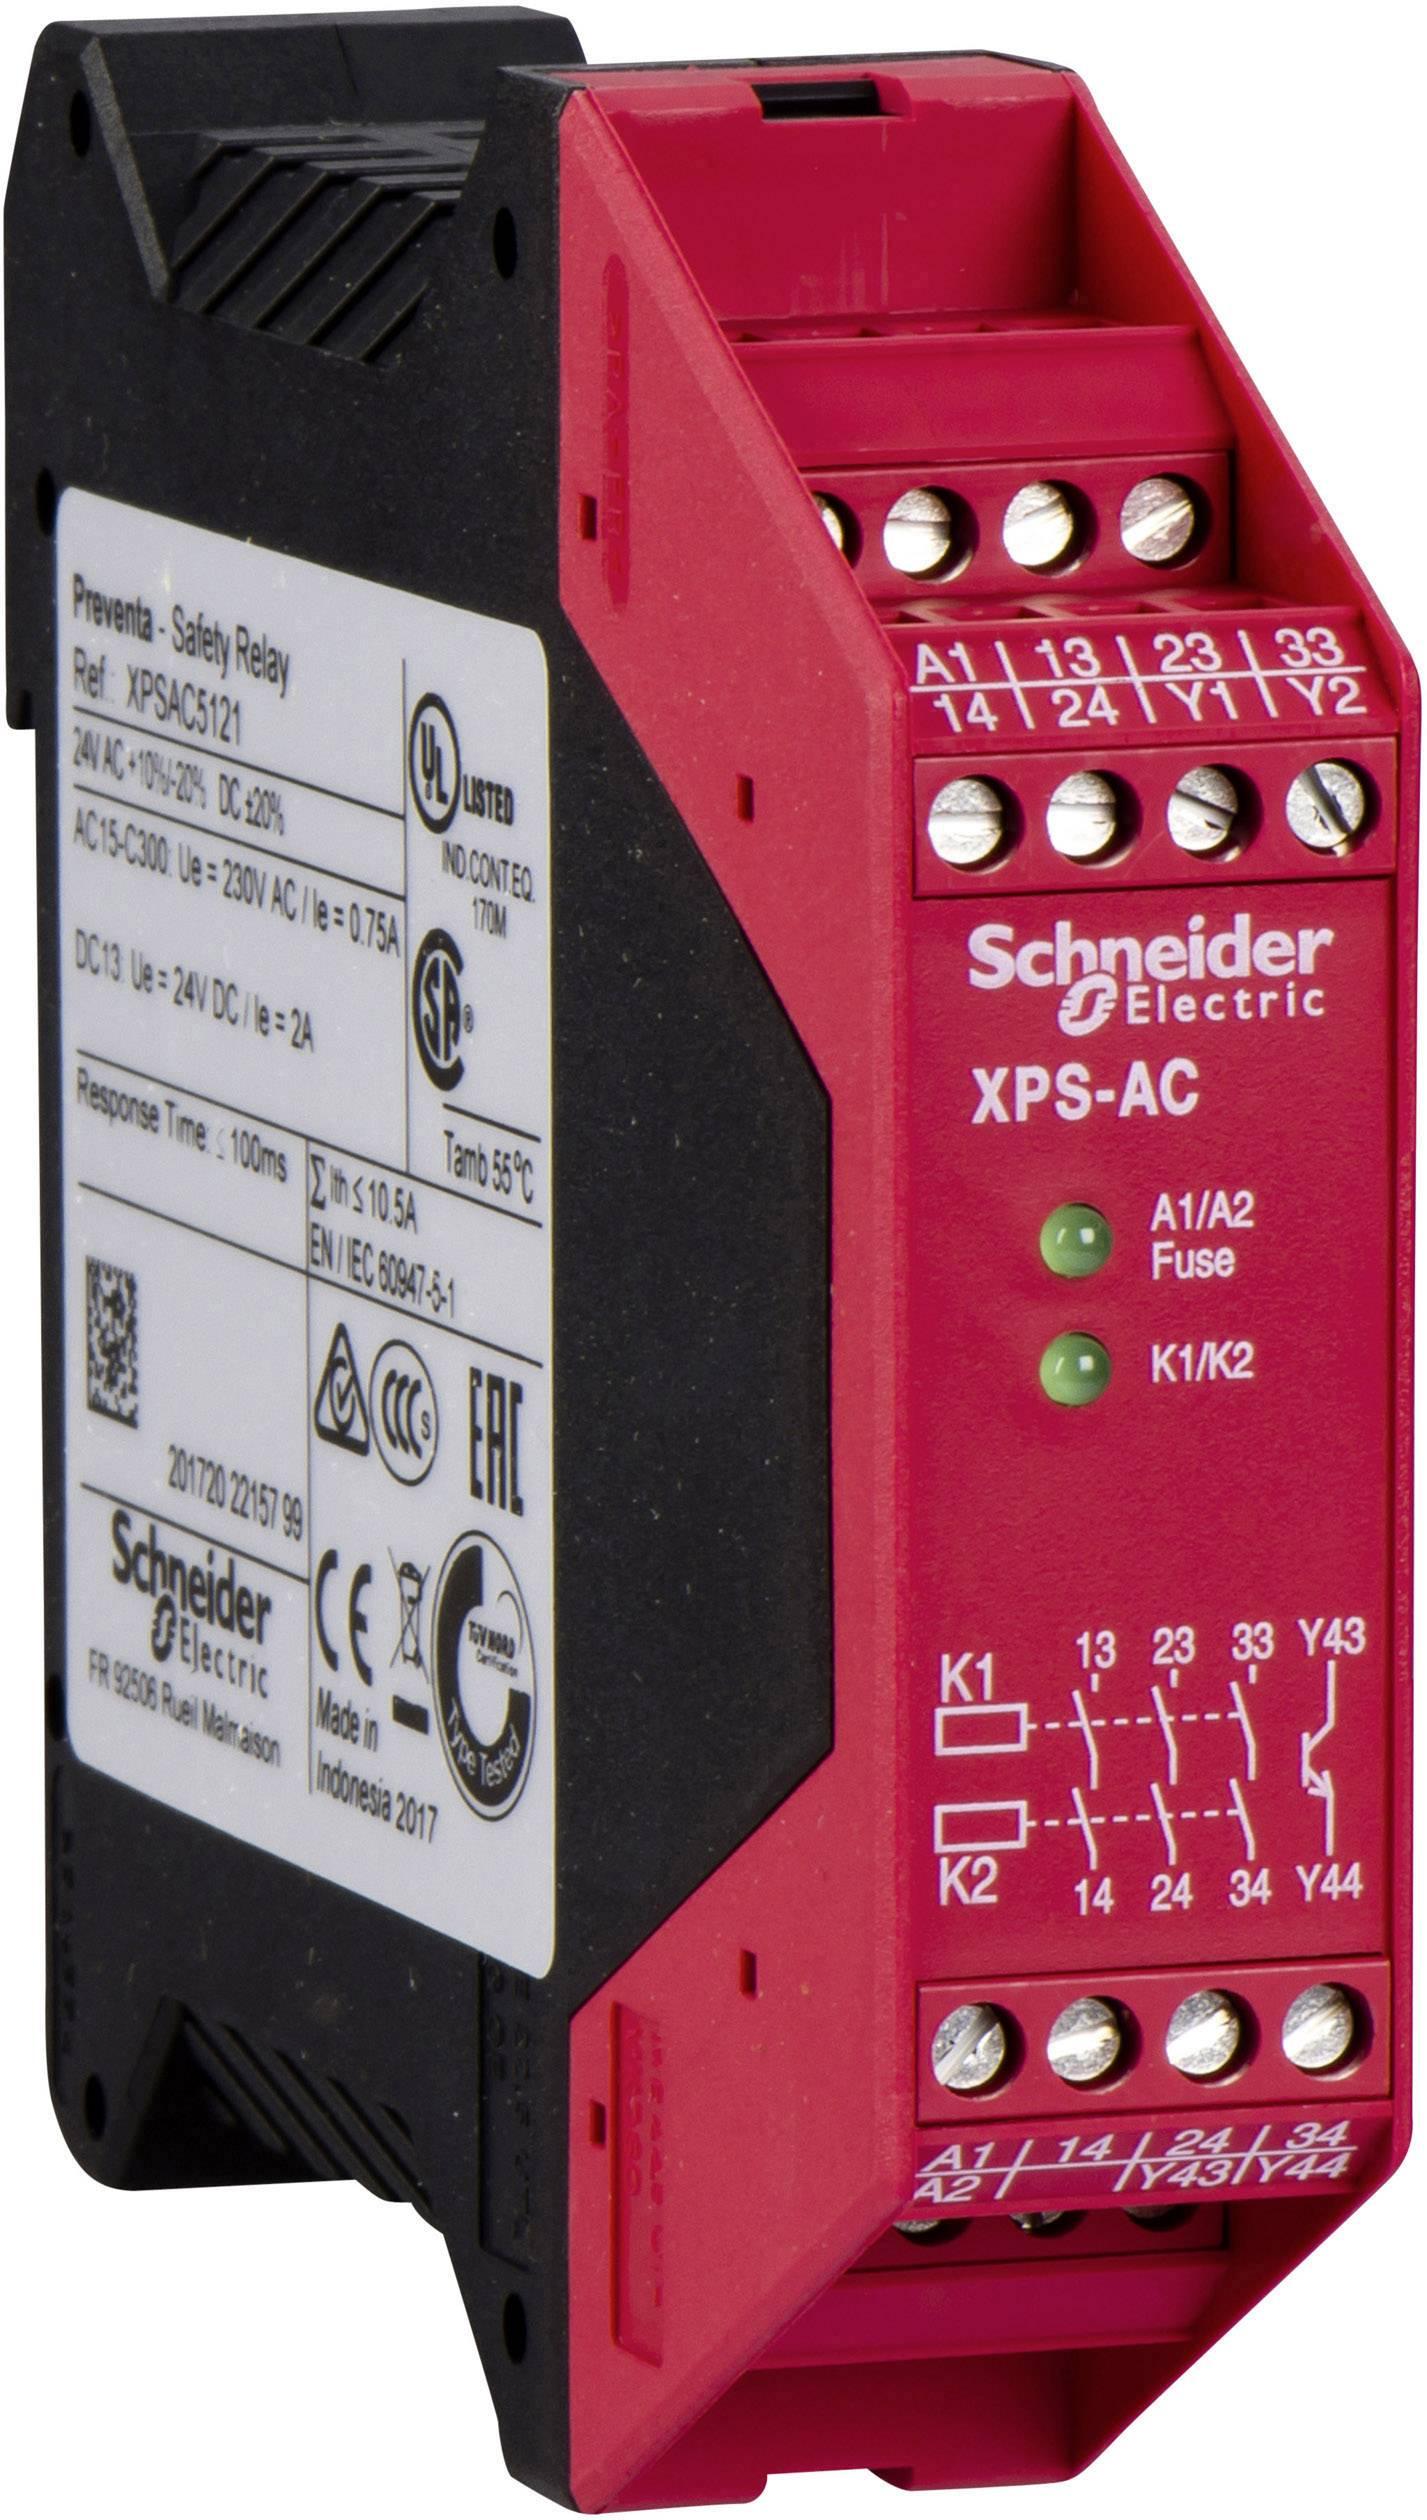 Ochranné relé Schneider Electric XPSAC5121, XPSAC5121, 24 V/DC, 24 V/AC, 3 přepínací kontakty